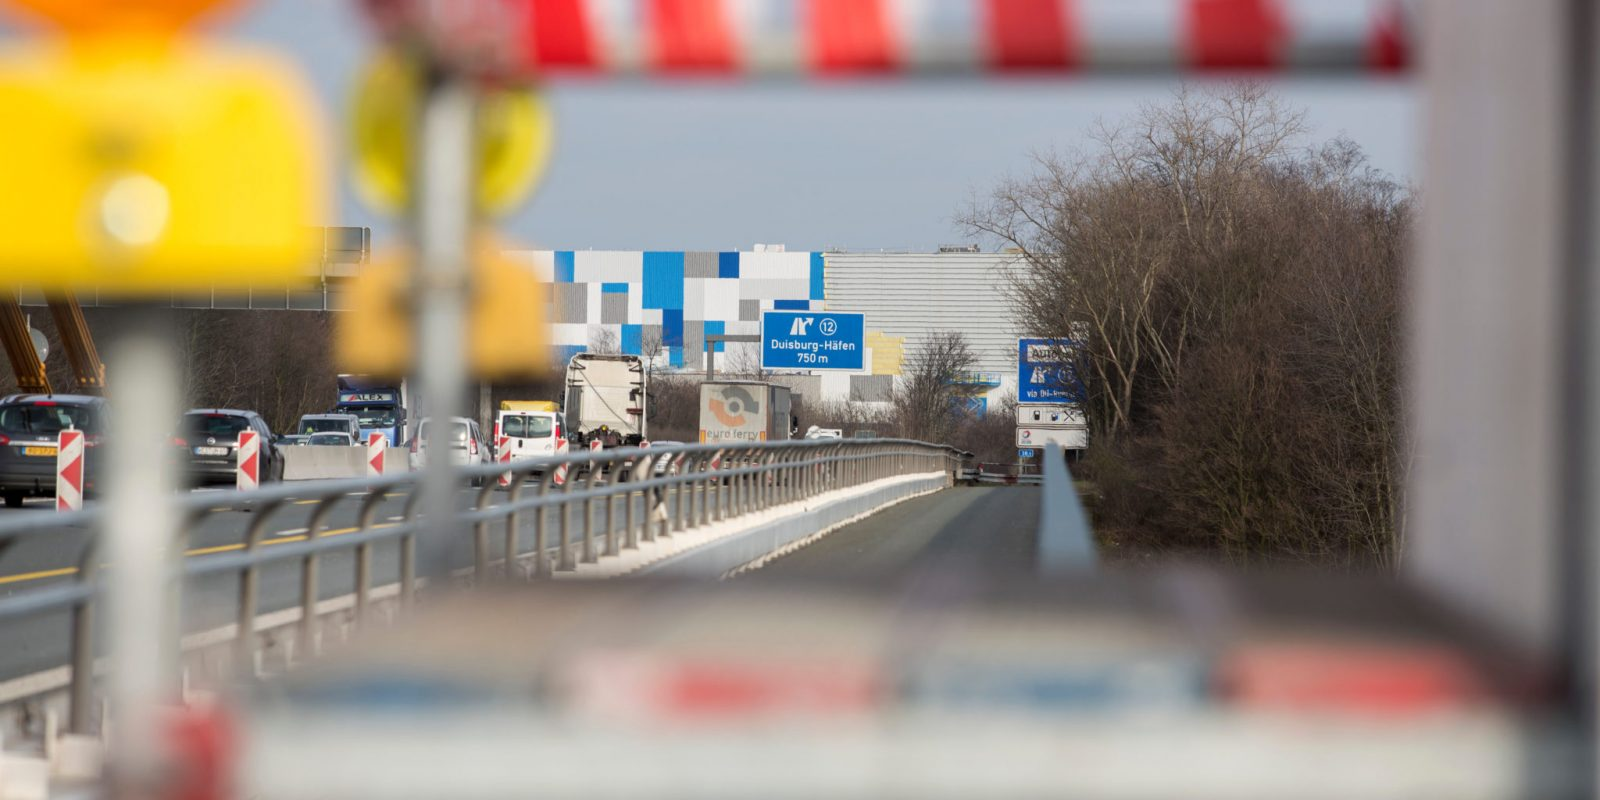 Baustelle Duisburg Häfen